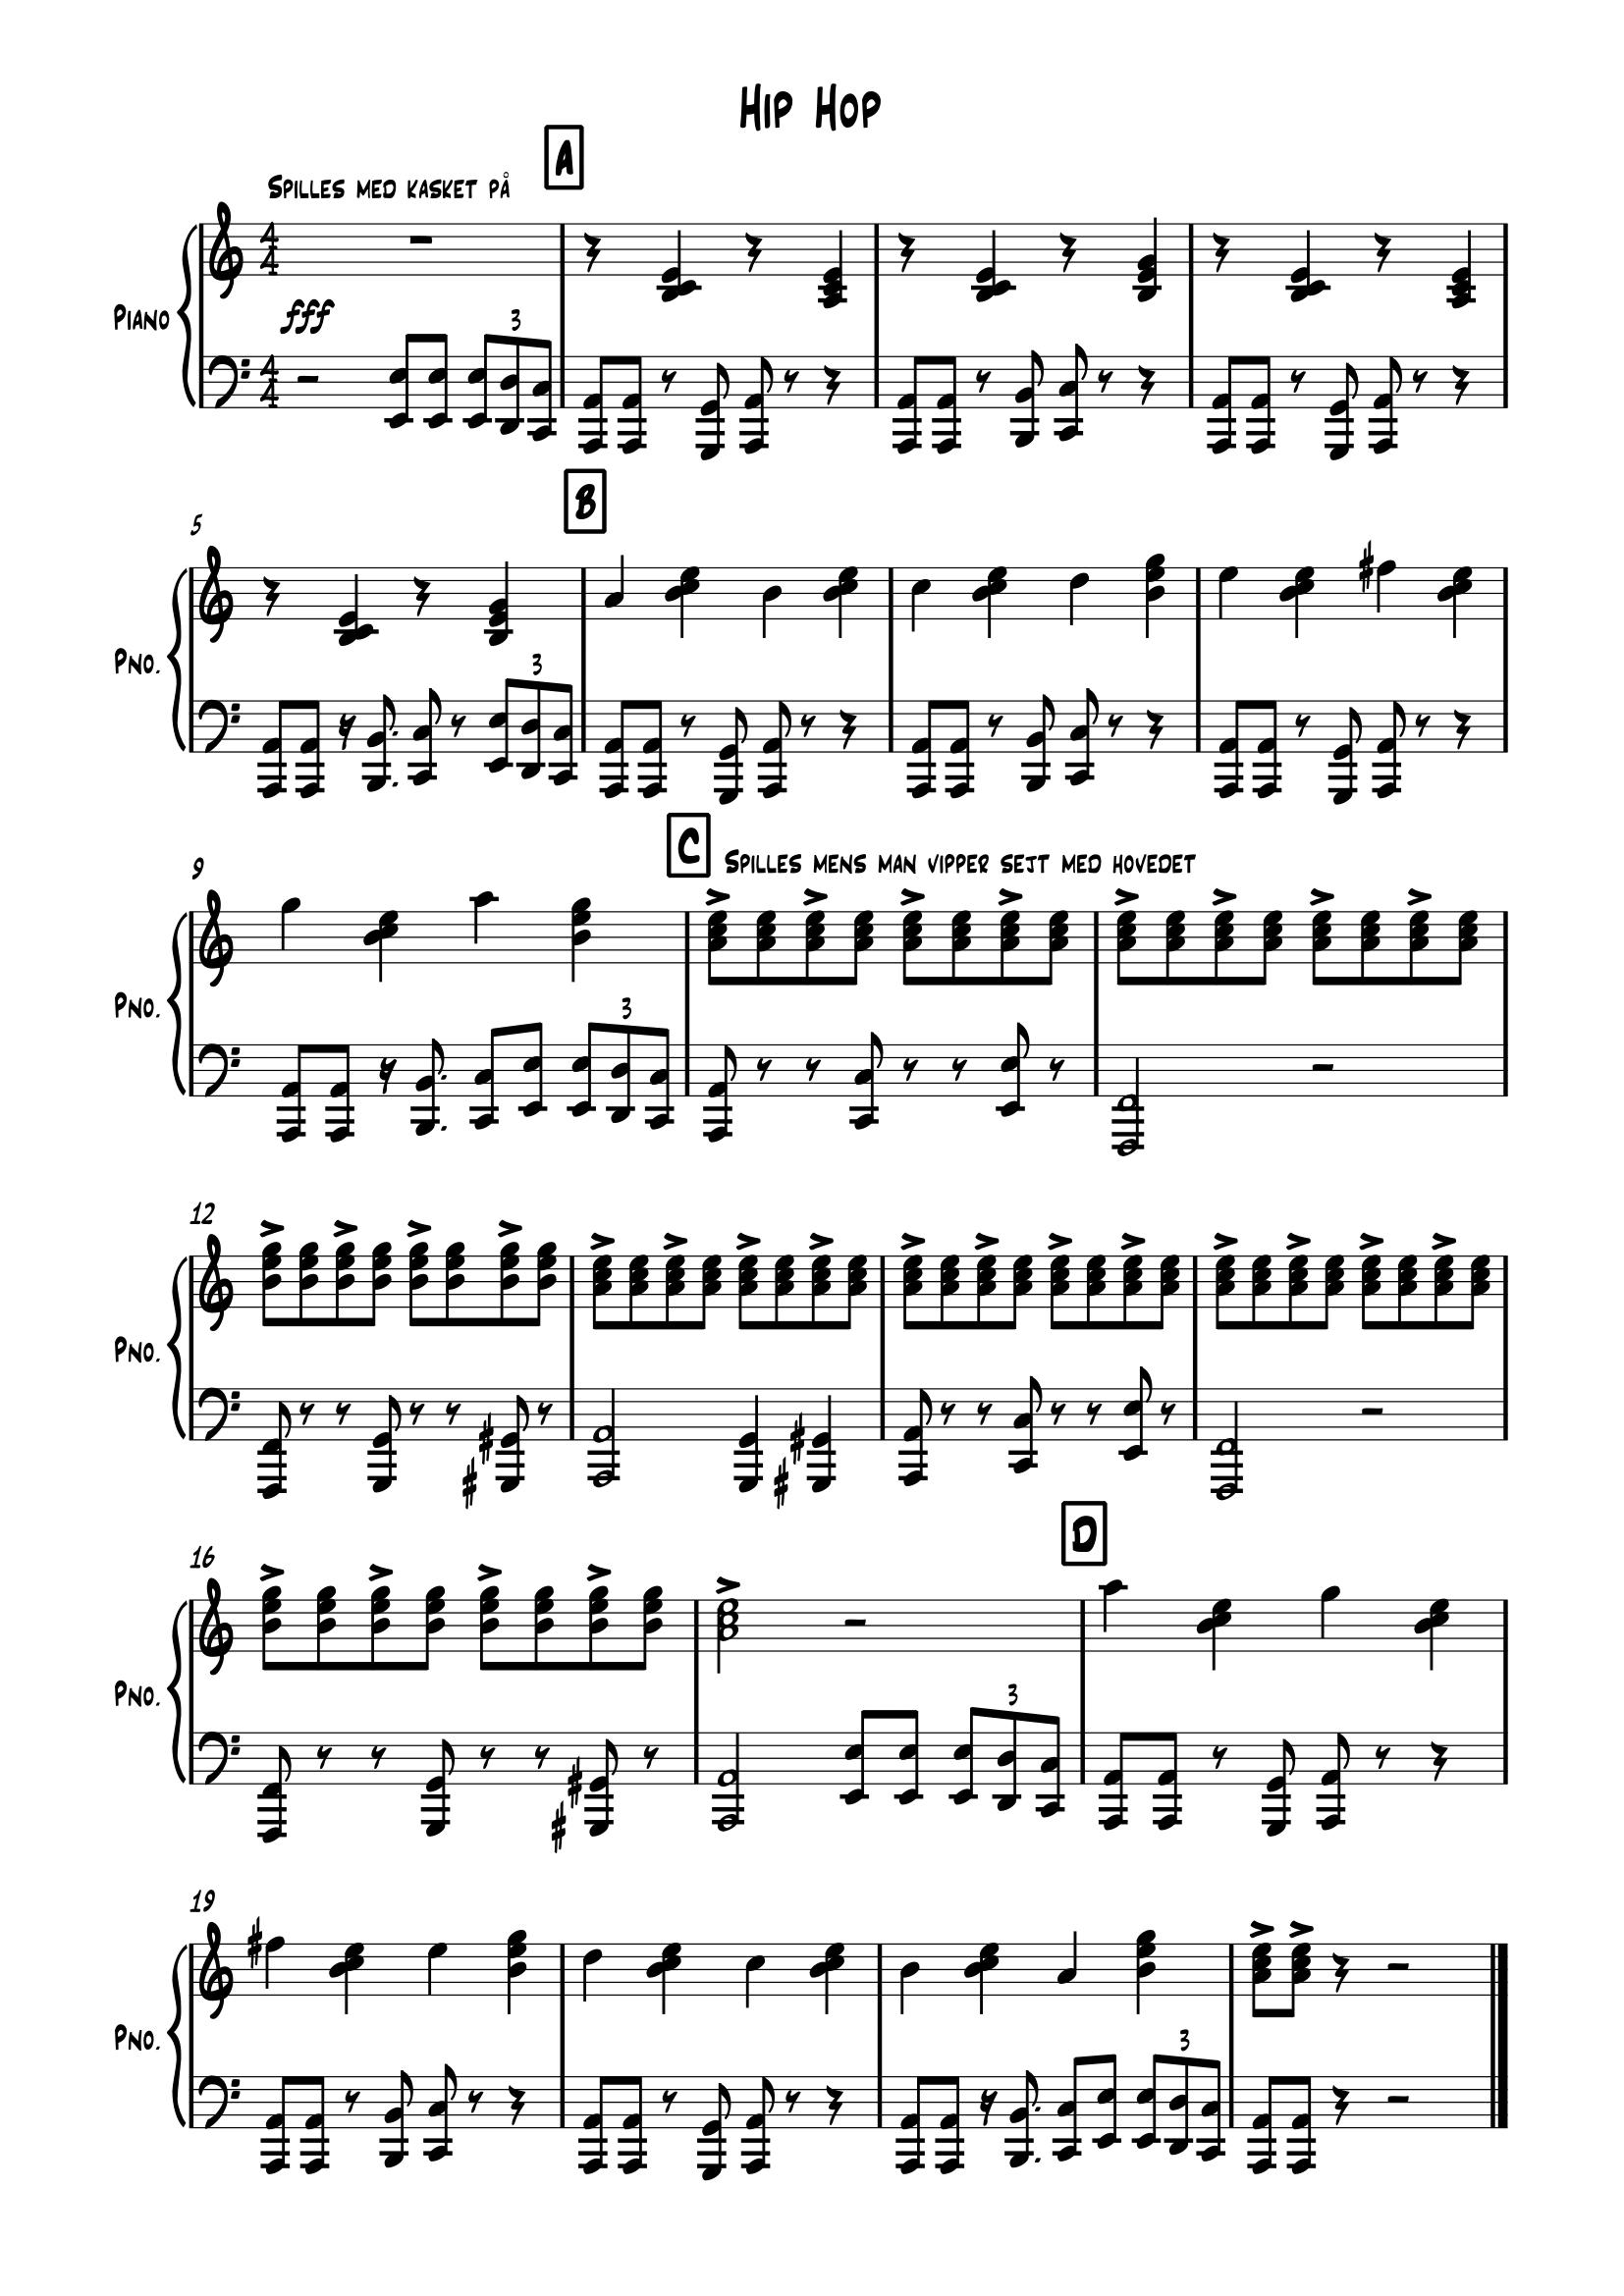 Klaver Bogen Samlet-09.png